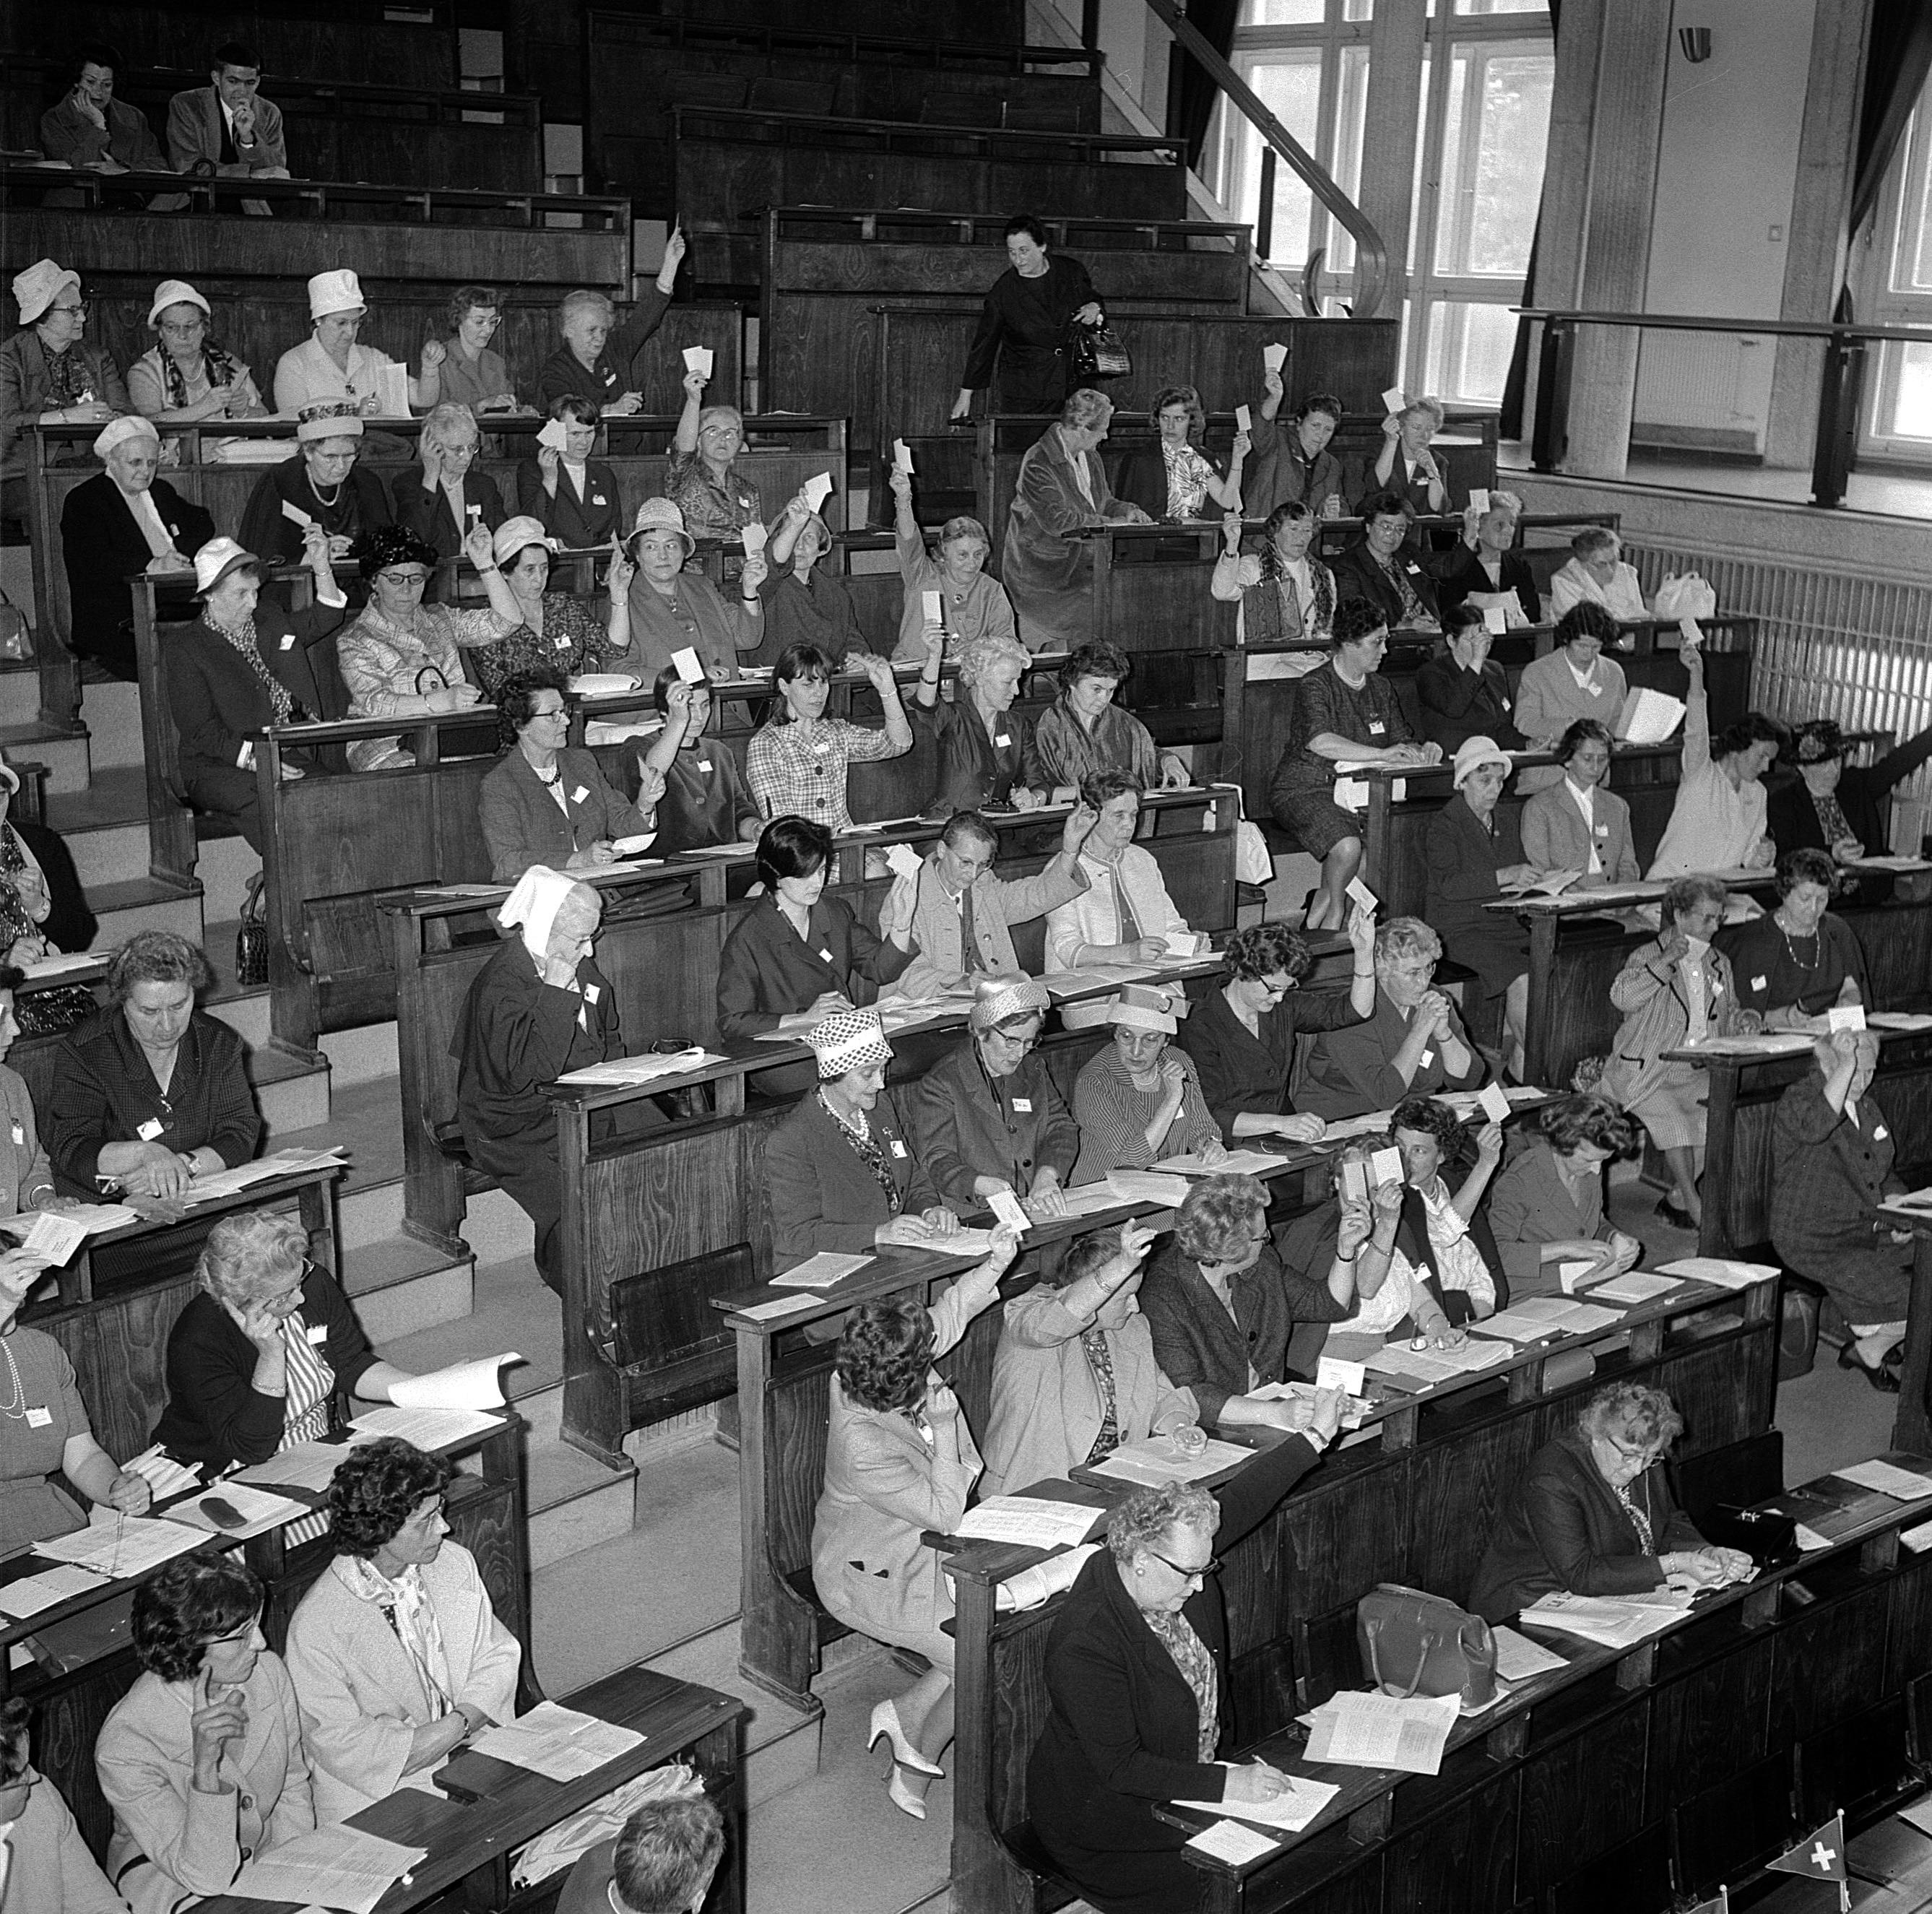 1963. Réunion des déléguées de l'Union suisse pour le suffrage féminin.